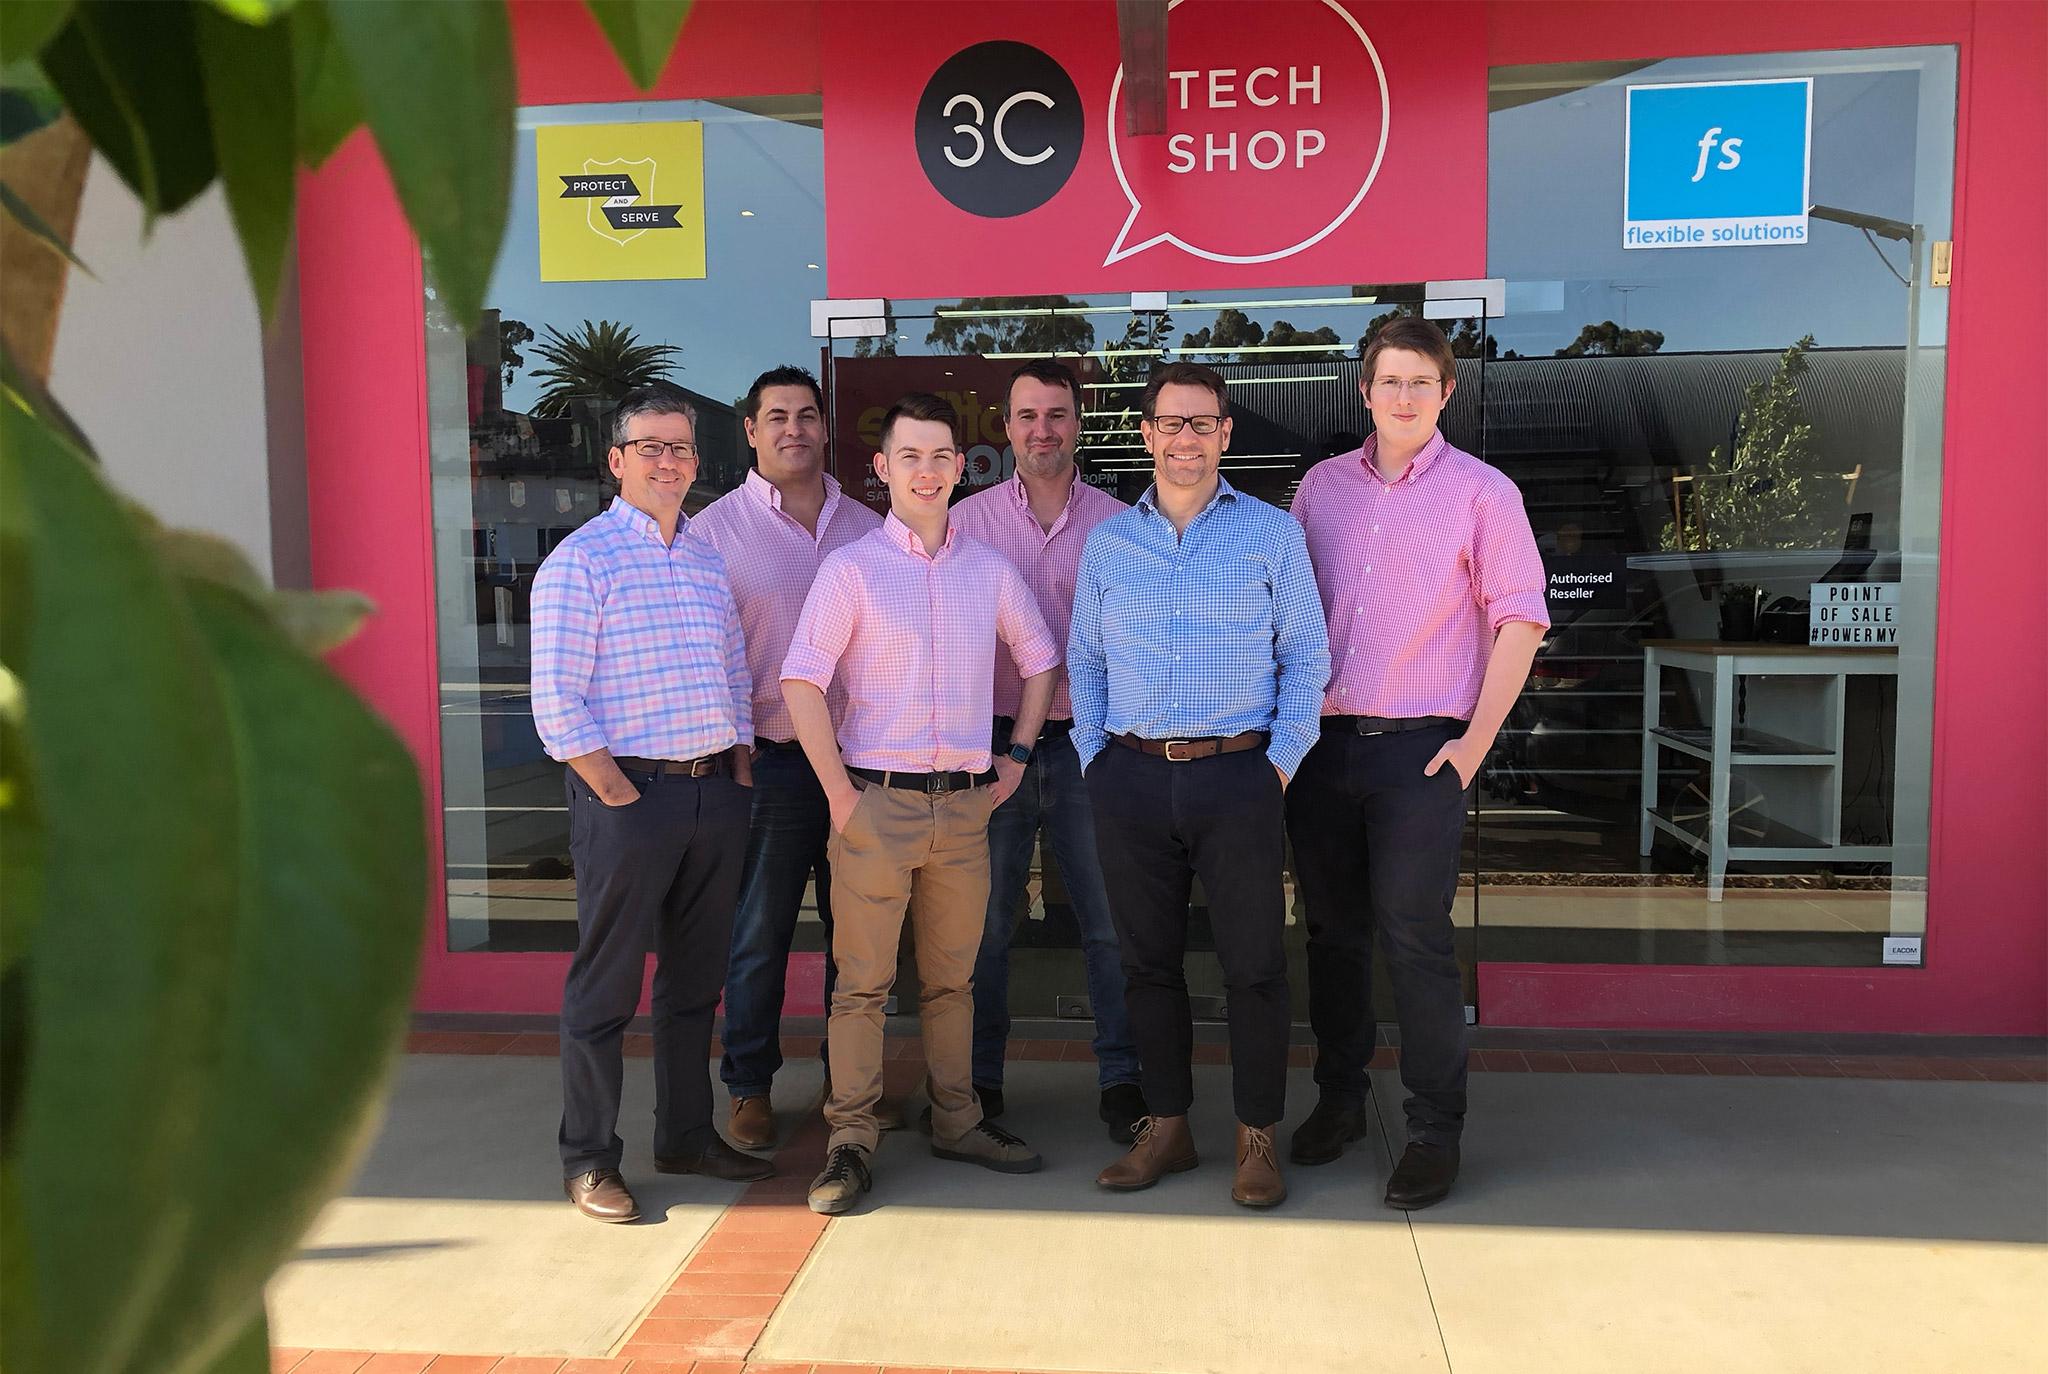 3C Tech Shop -